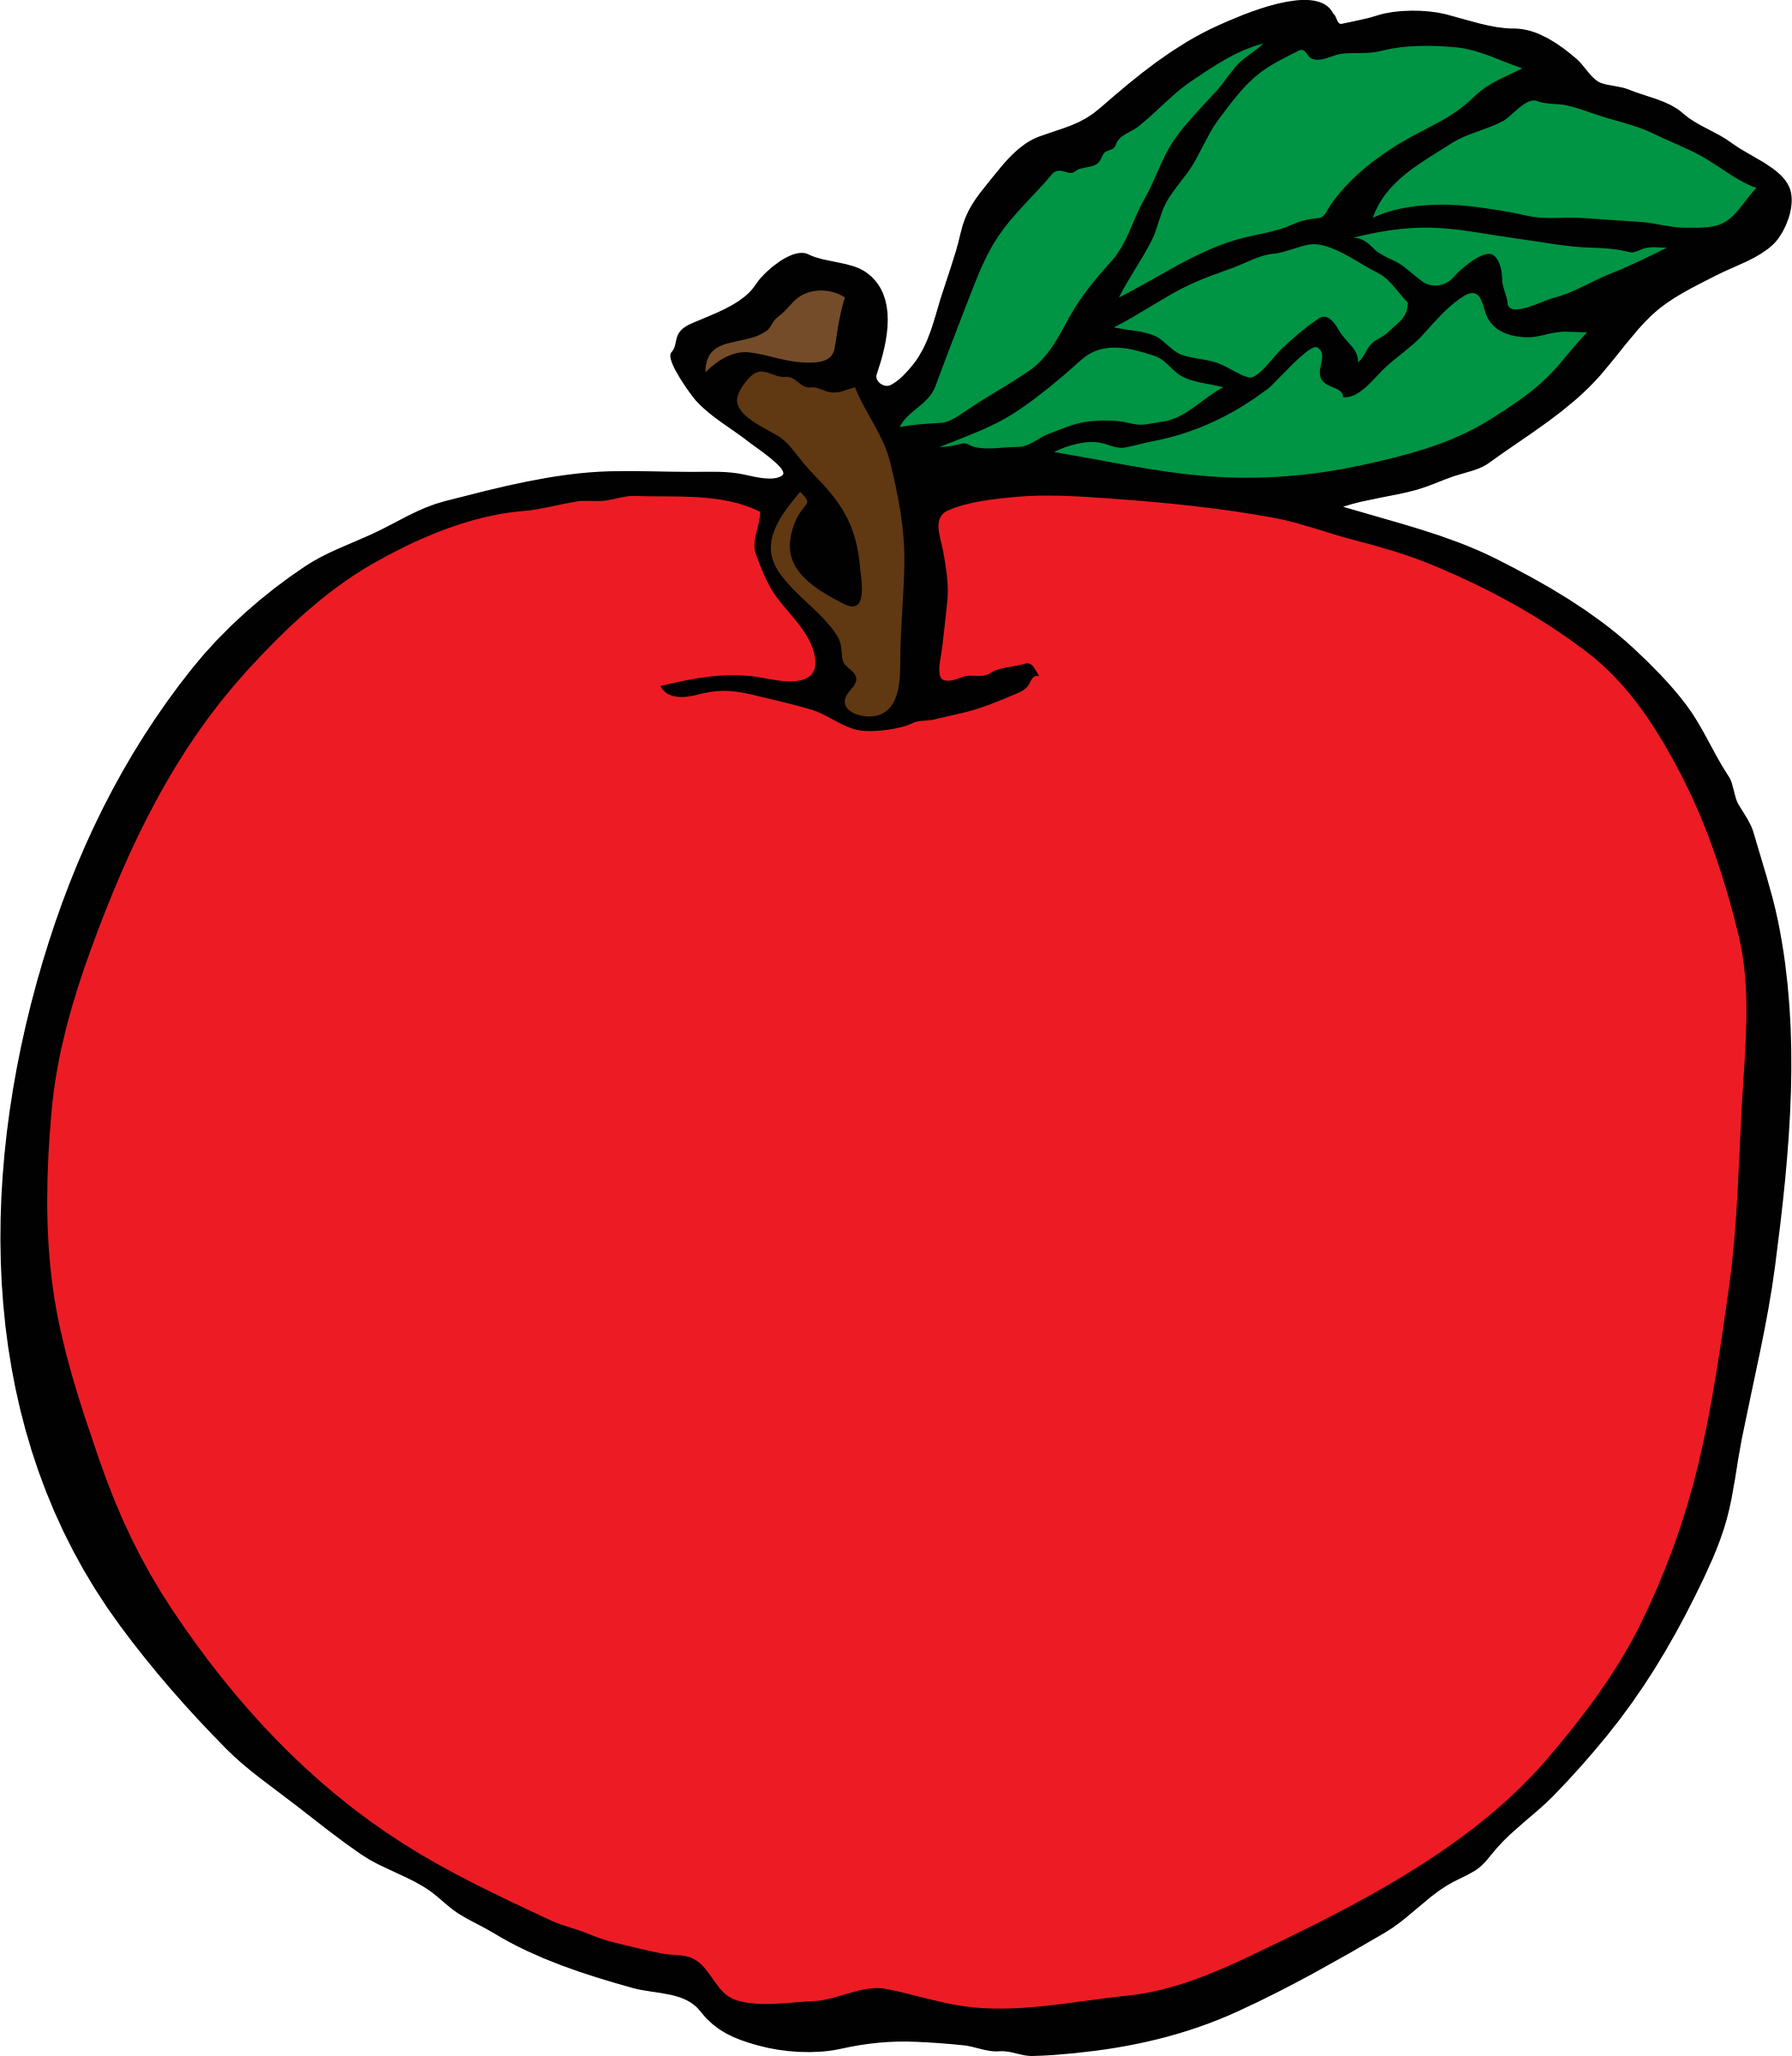 amazing apple animated. Moving clipart fruit